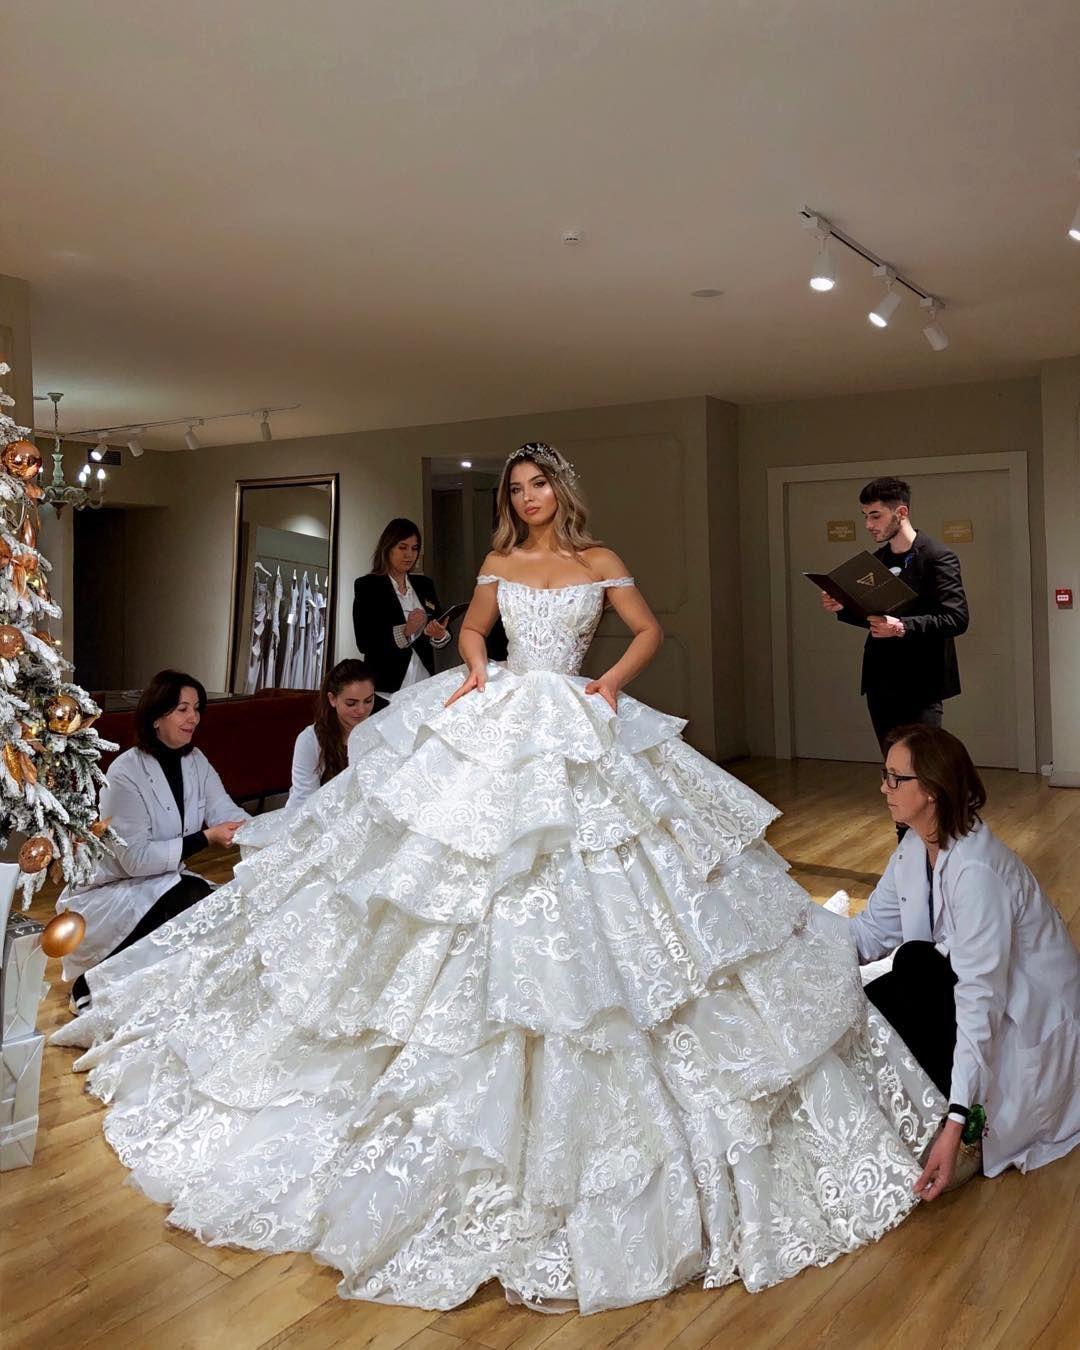 Bild könnte enthalten: 20 Personen, Personen, die stehen, Hochzeit